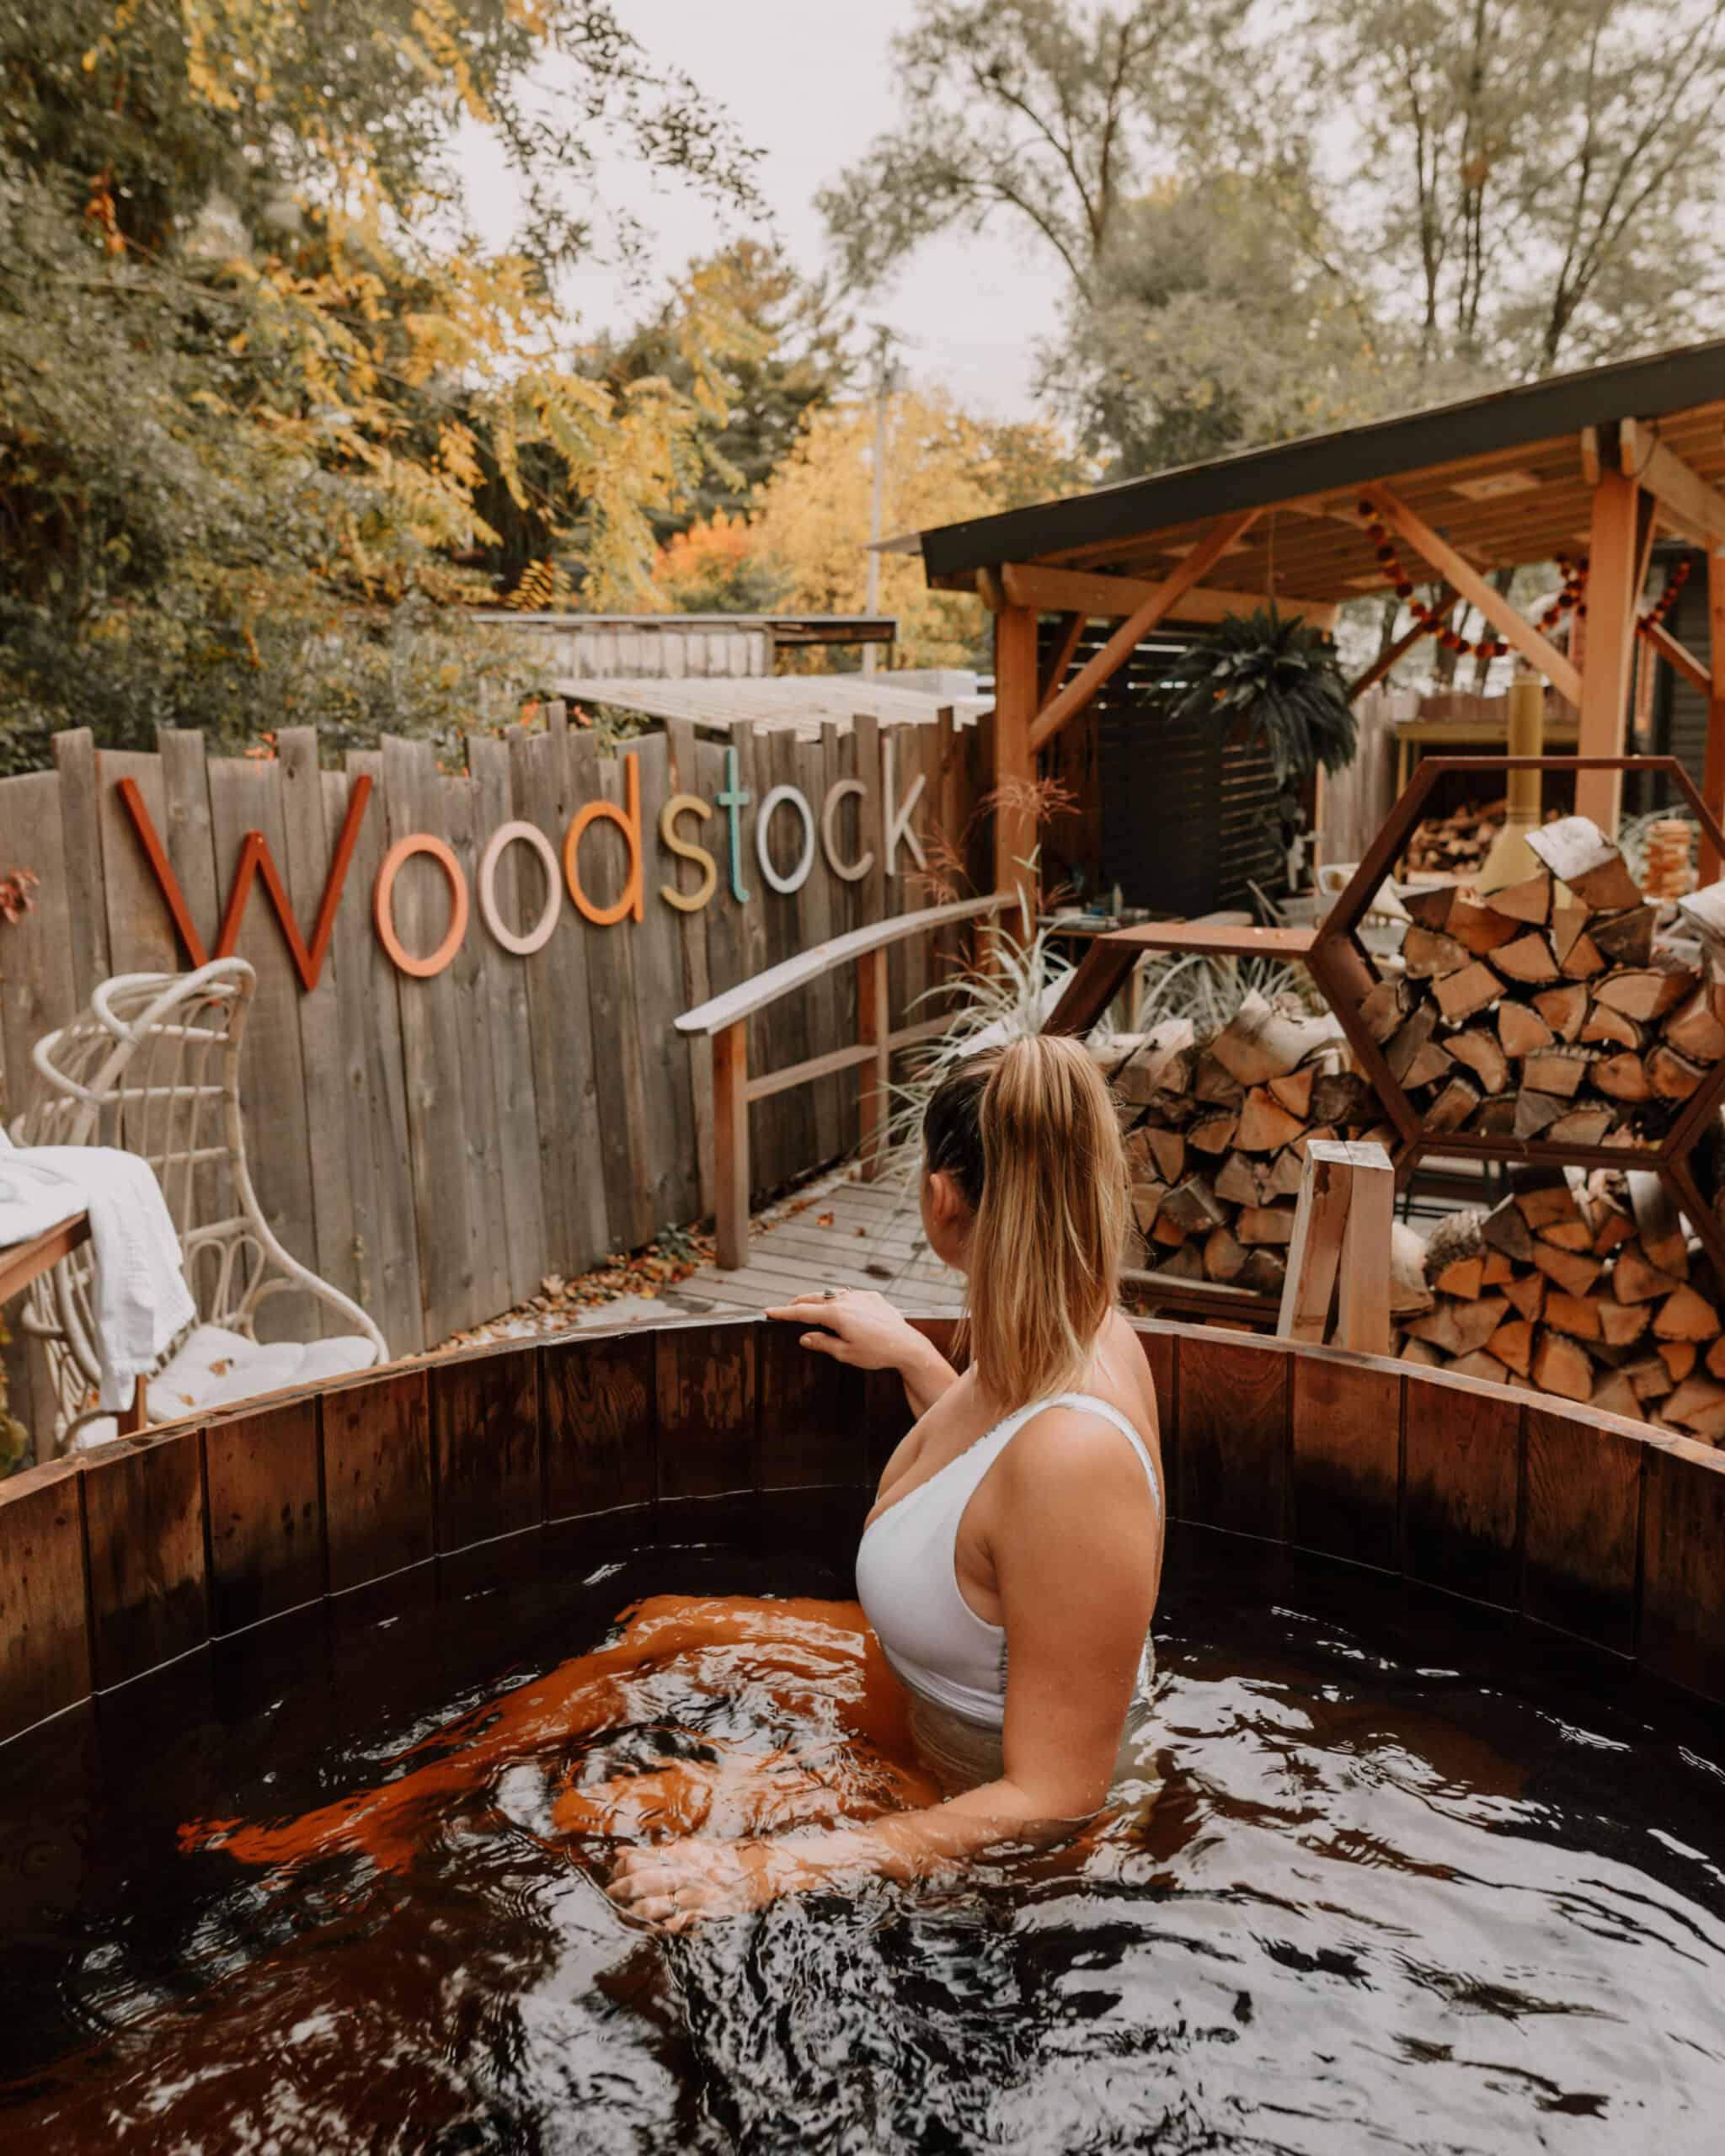 The Herwood Inn Woodstock New York